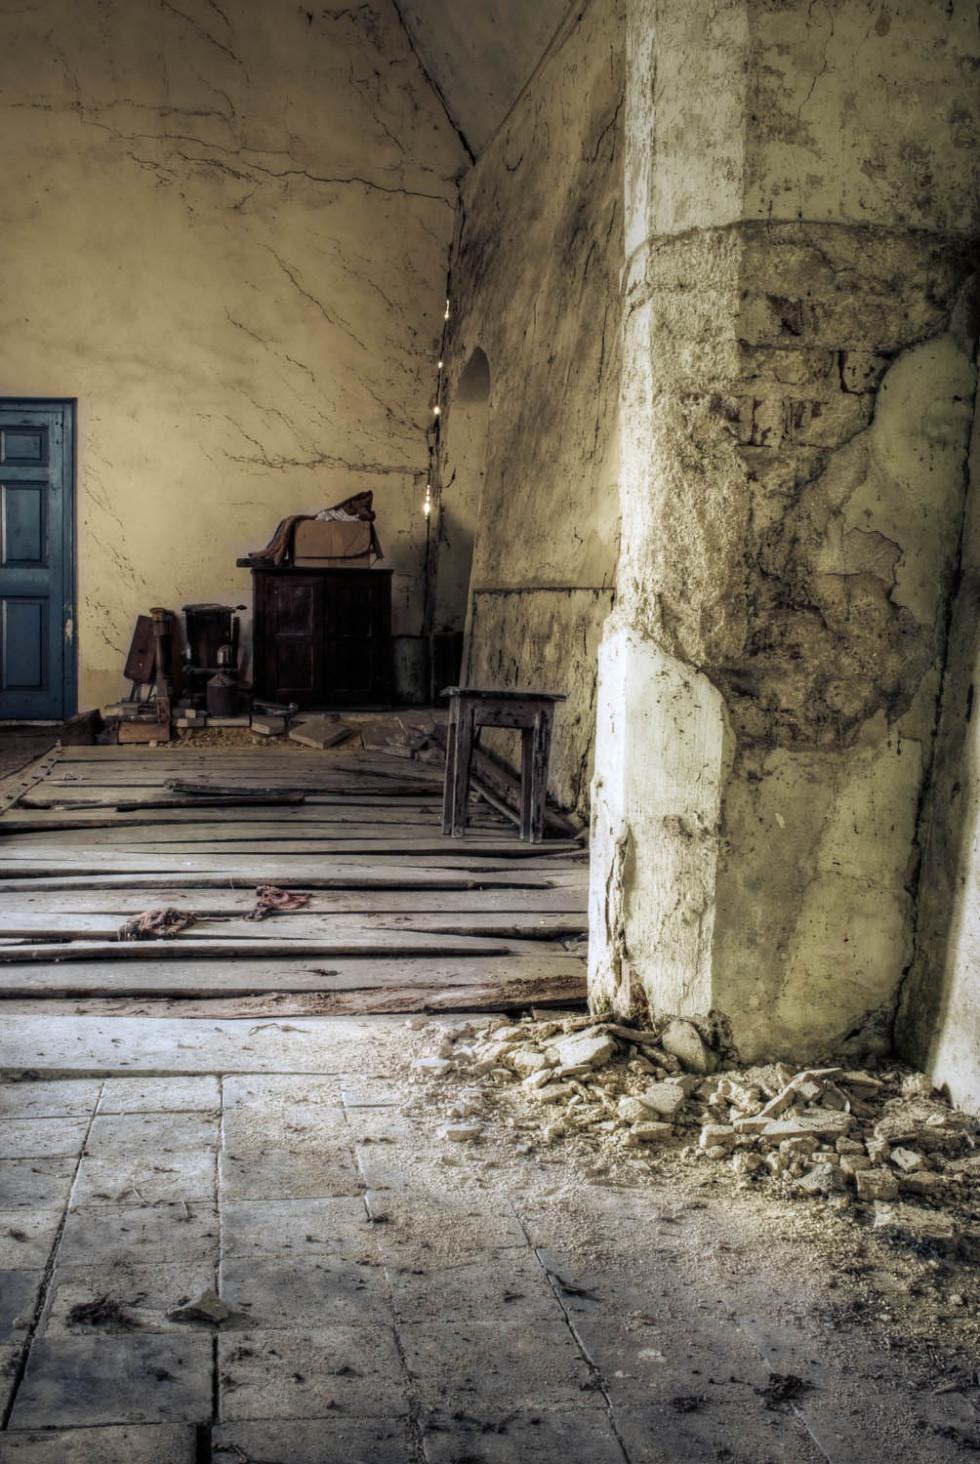 Berners Roding Church Crumbling Away